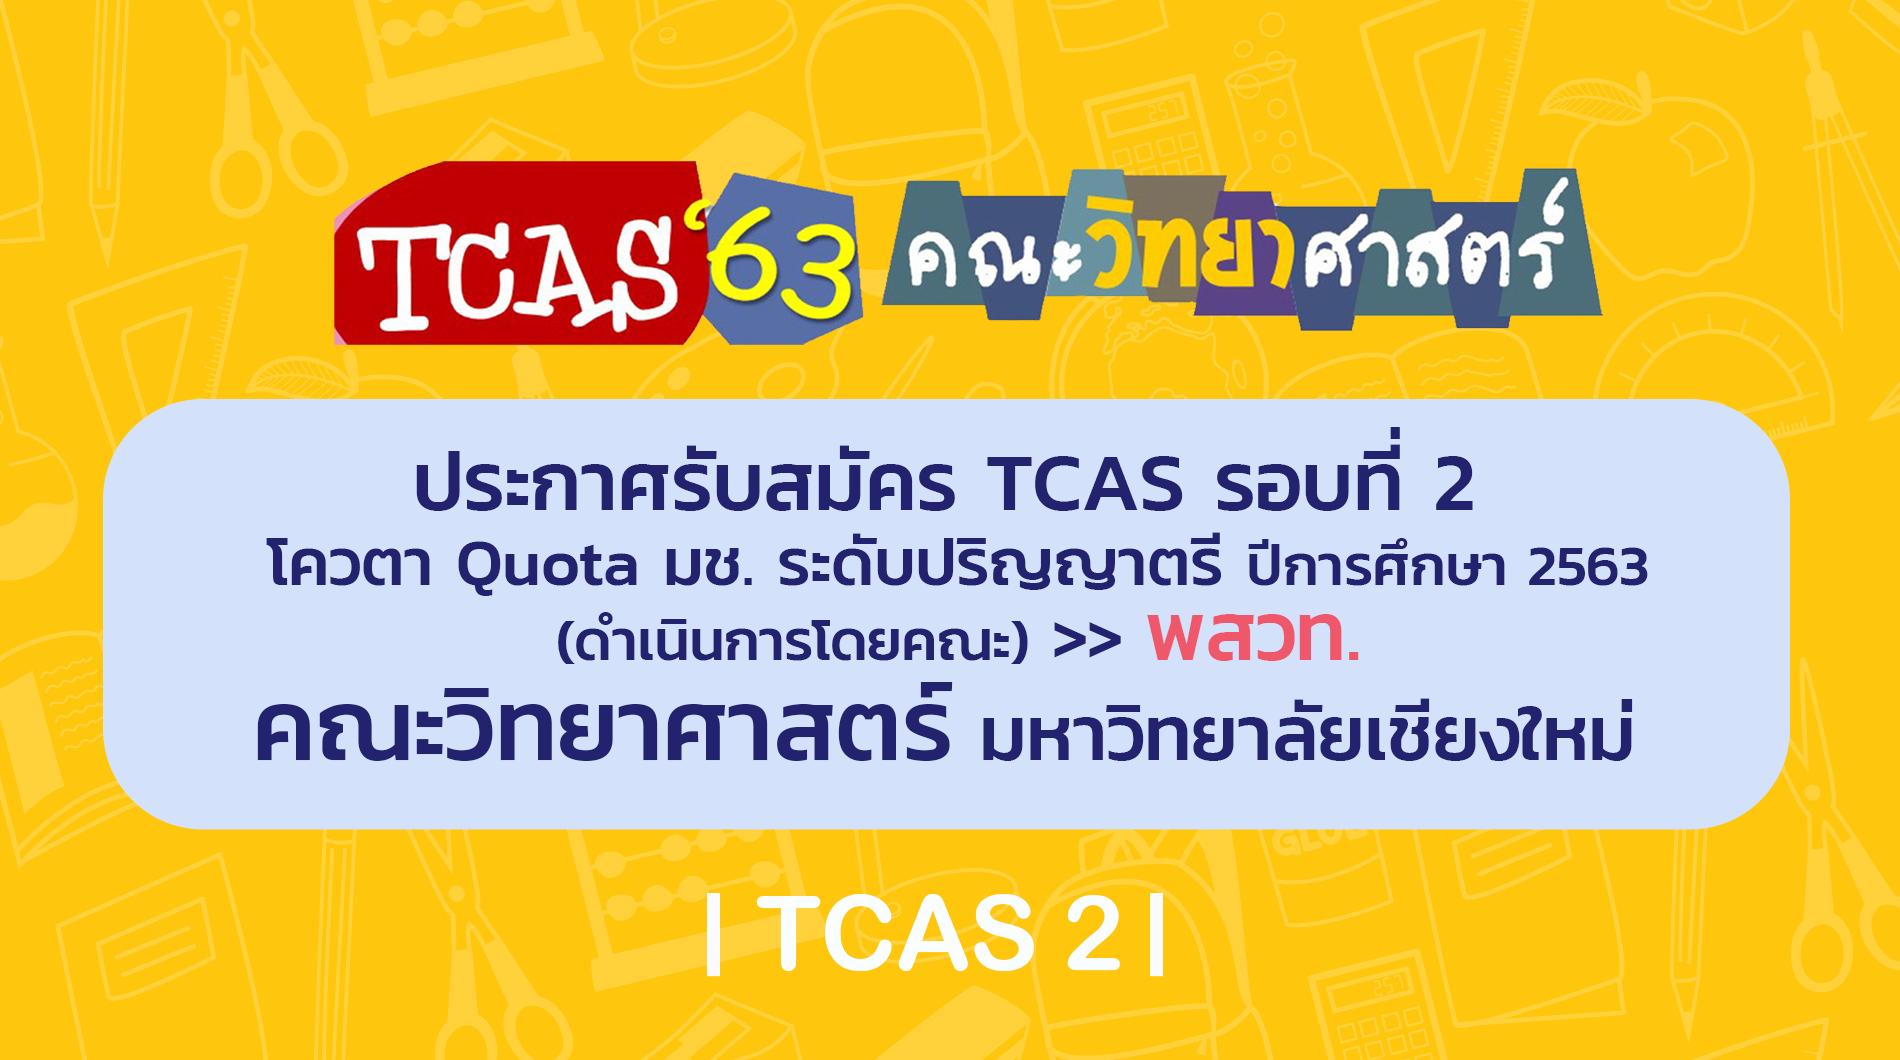 ประกาศรับสมัคร TCAS รอบที่ 2  โควตา Quota มช. ระดับปริญญาตรี ปีการศึกษา 2563 (ดำเนินการโดยคณะ) >> พสวท. คณะวิทยาศาสตร์ มหาวิทยาลัยเชียงใหม่